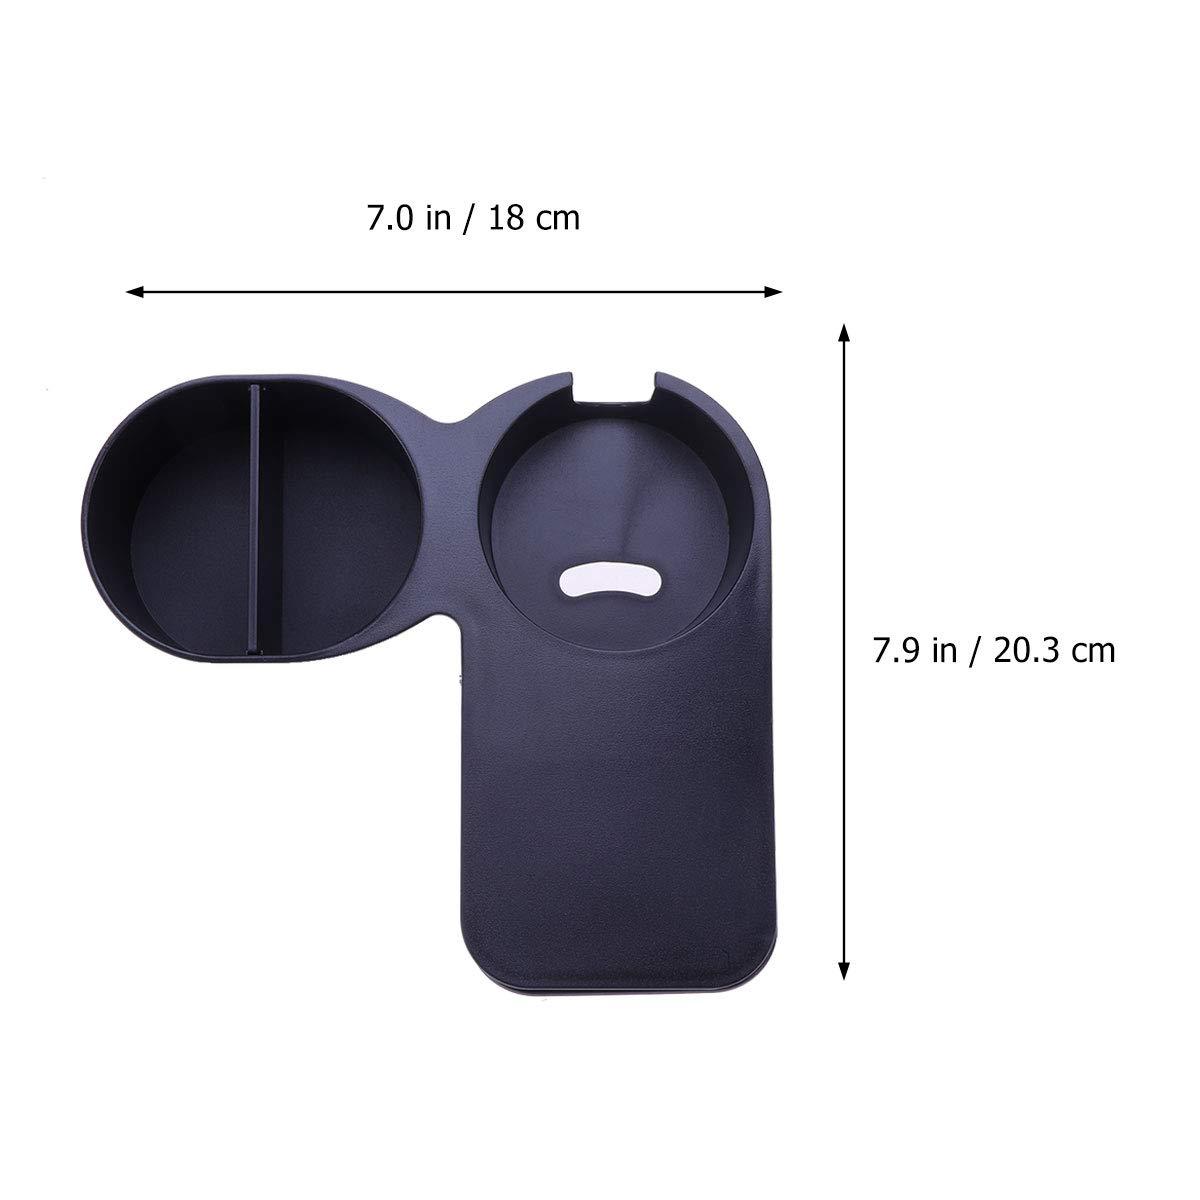 negro UPKOCH Soporte para taza de caf/é con pinza para mesa de escritorio soporte lateral para botella de caf/é soporte de abrazadera para oficina o hogar